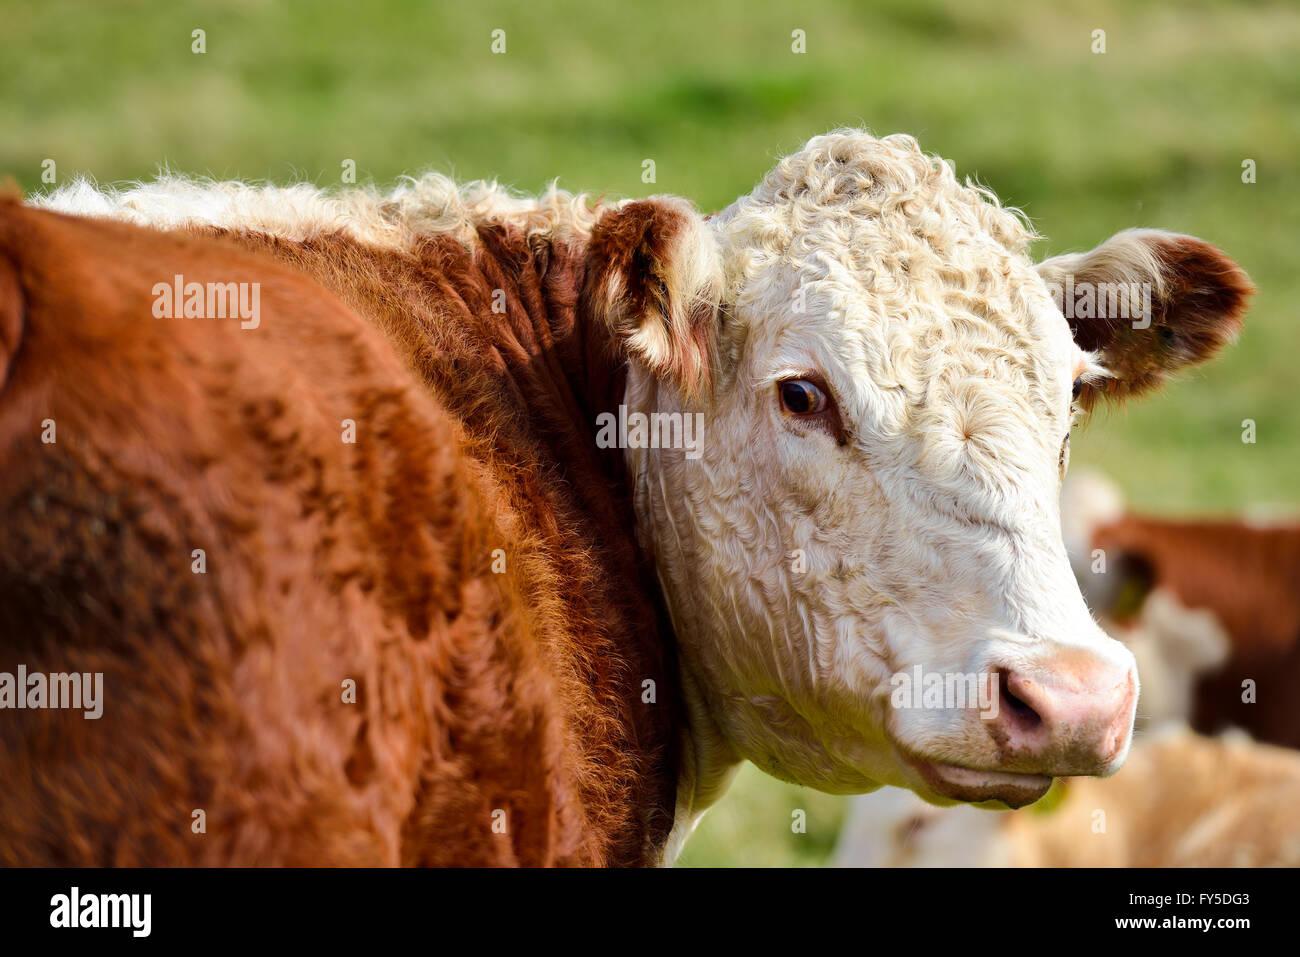 Eine Kuh sieht sich um. Stockbild